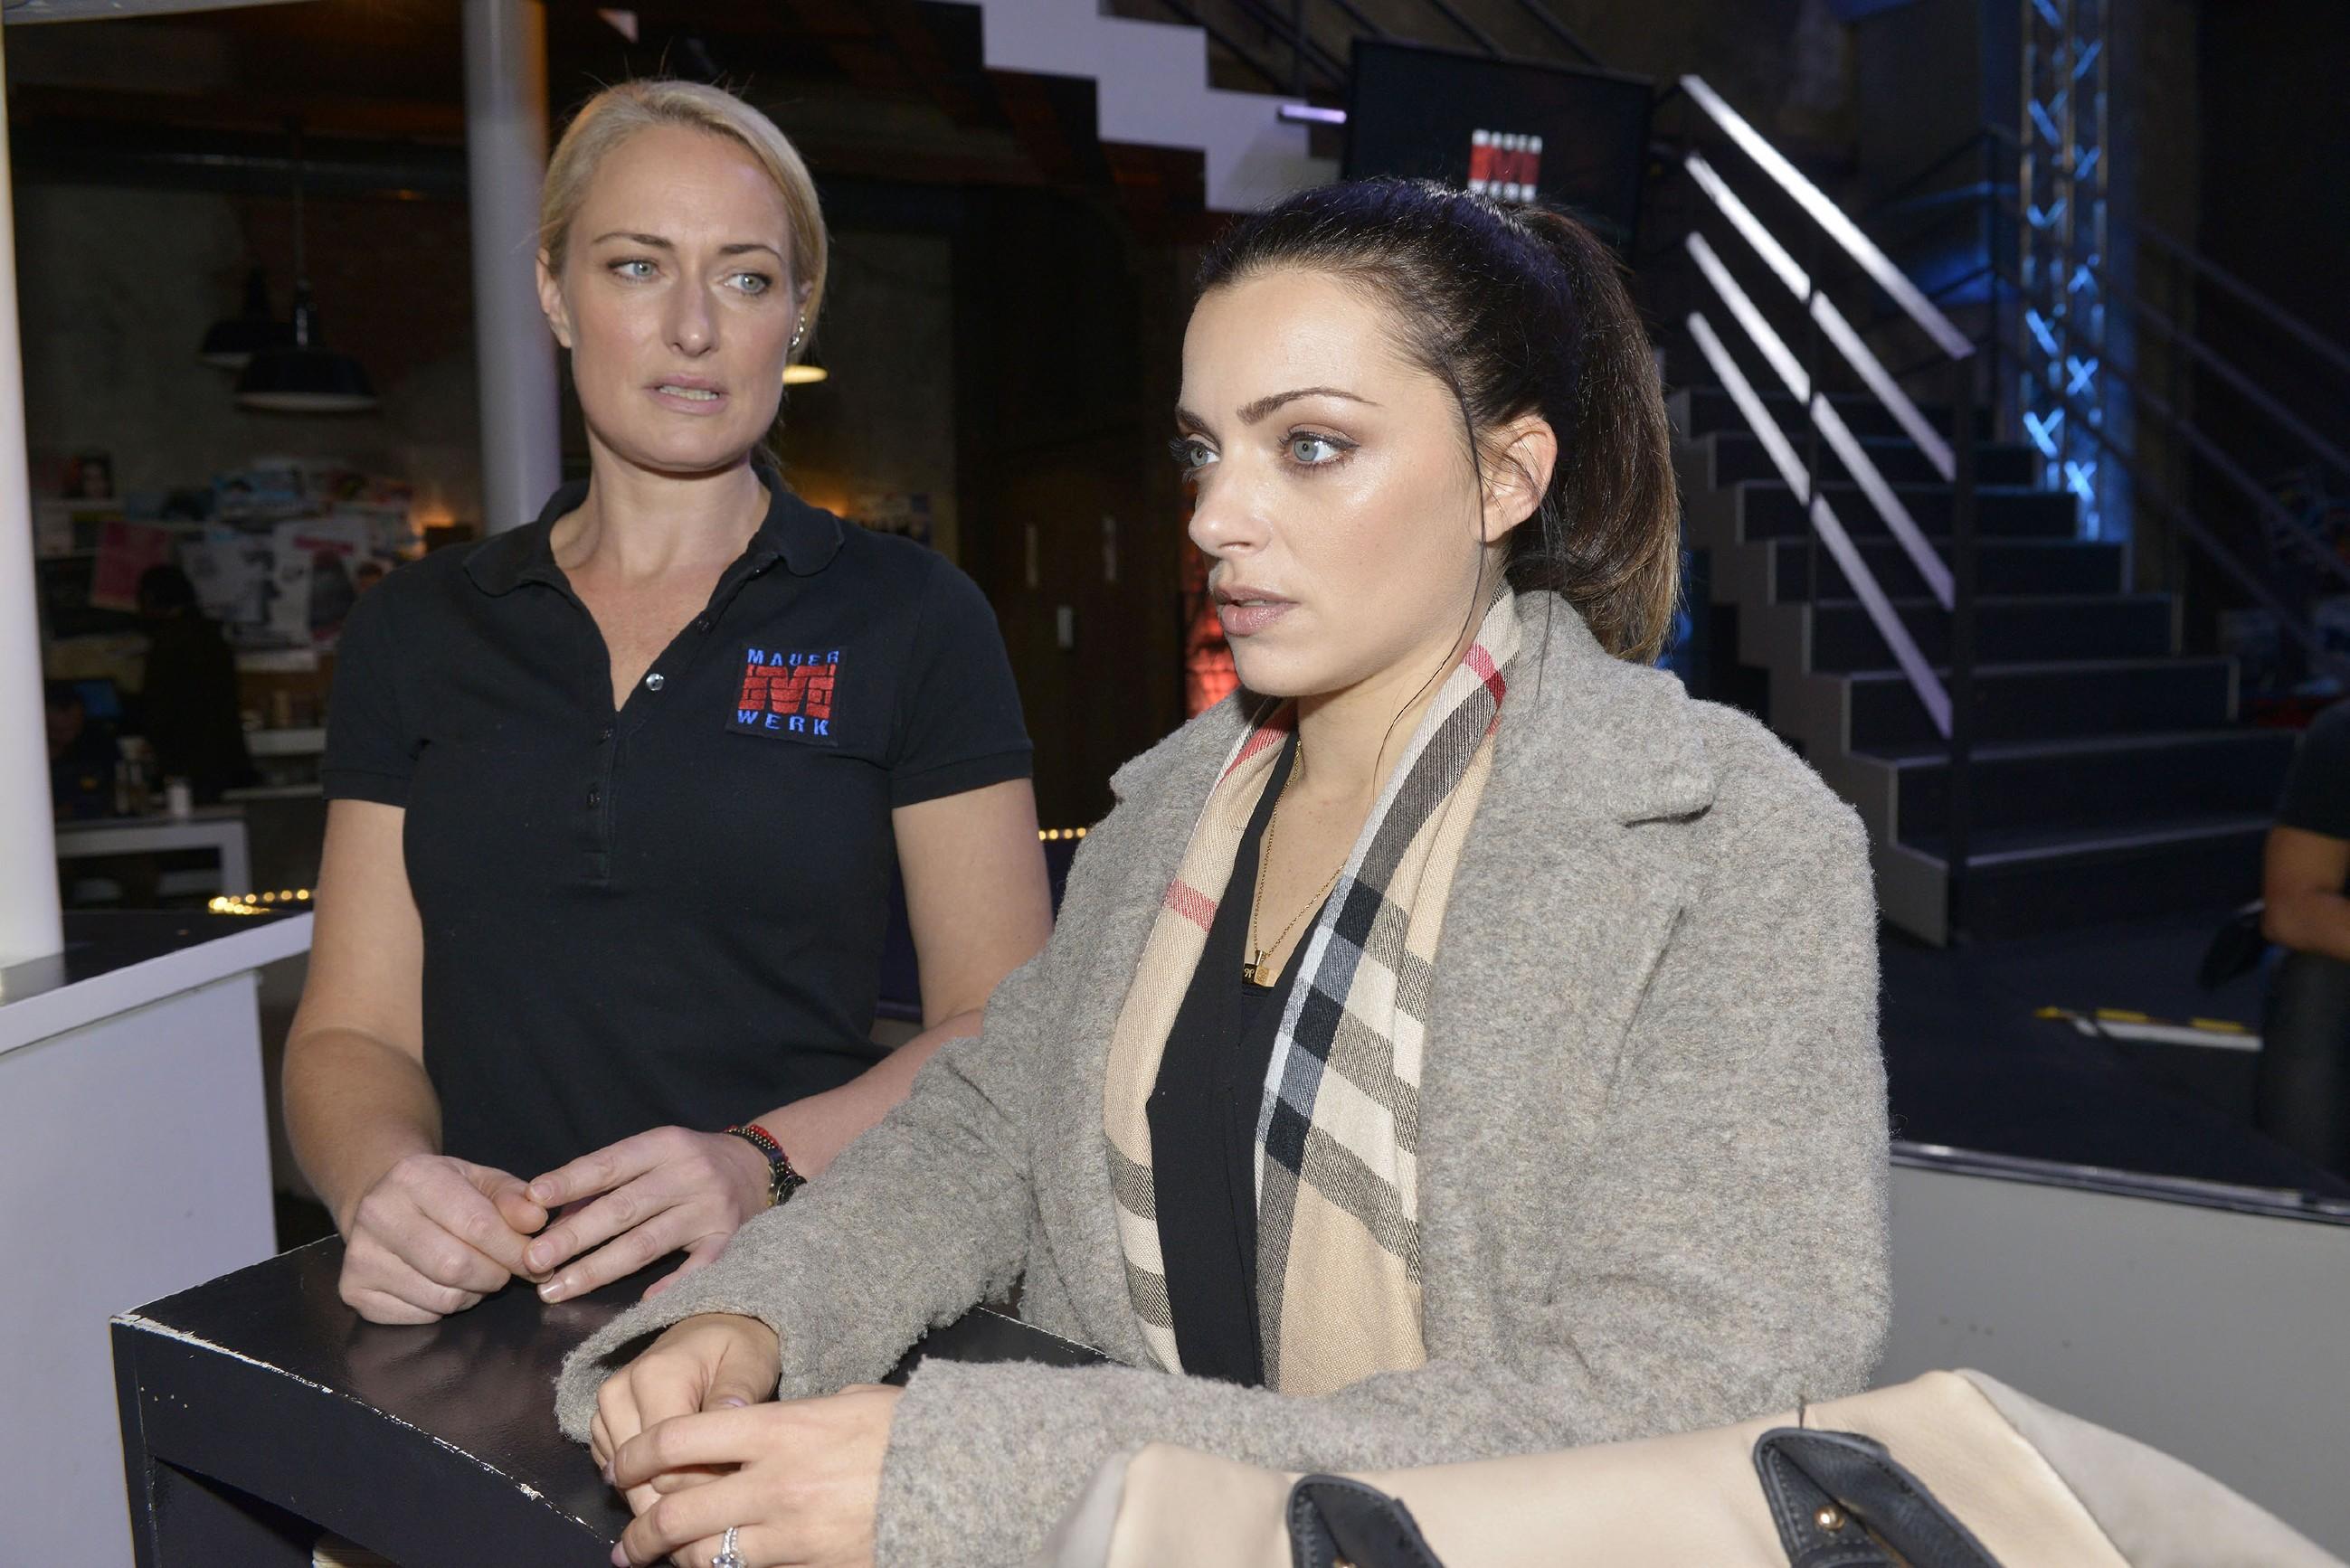 Emily (Anne Menden, r.) spricht mit Maren (Eva Mona Rodekirchen) über Leon und Sophie und findet, dass Leon es sich mit der Trennung von Sophie ziemlich einfach macht. (Quelle: RTL / Rolf Baumgartner)